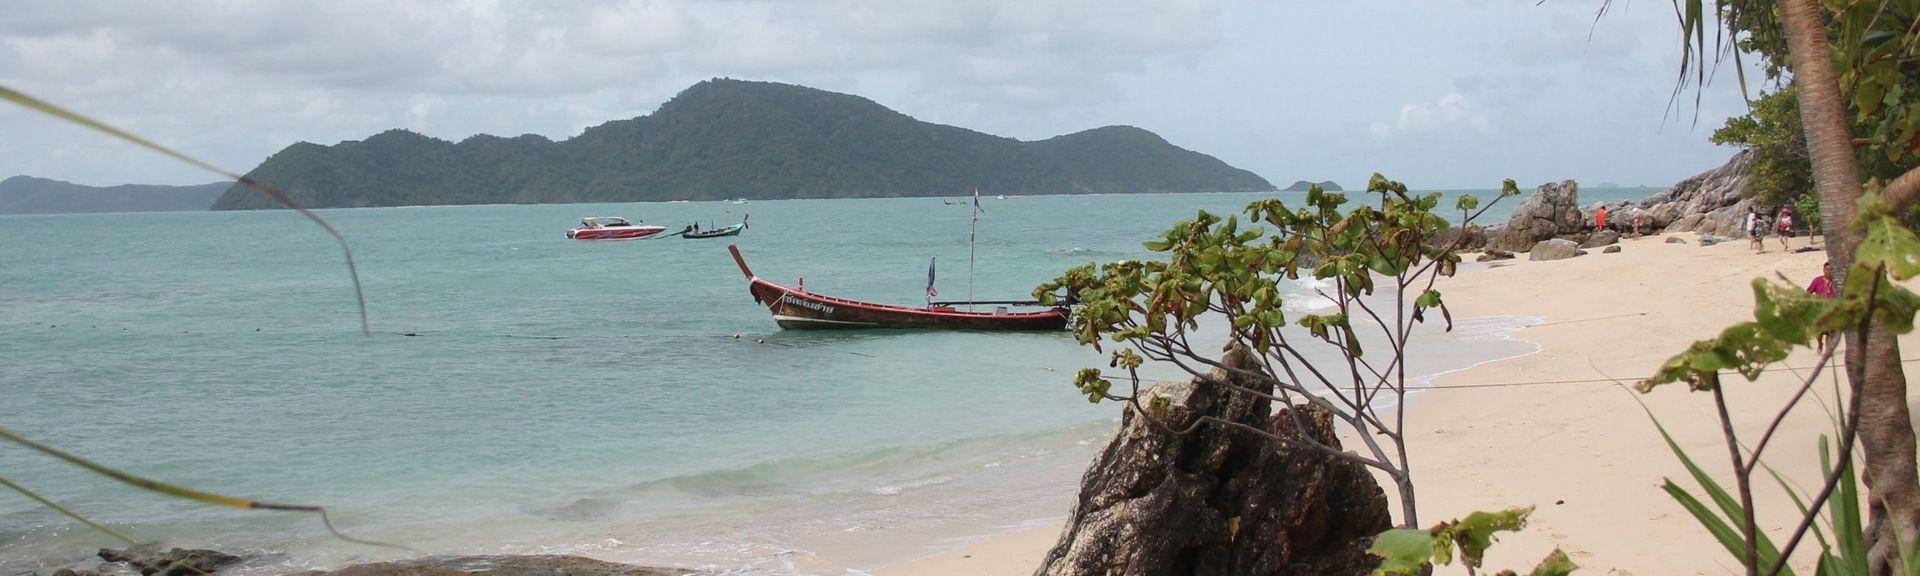 Chalong, Phuket Province, Thailand